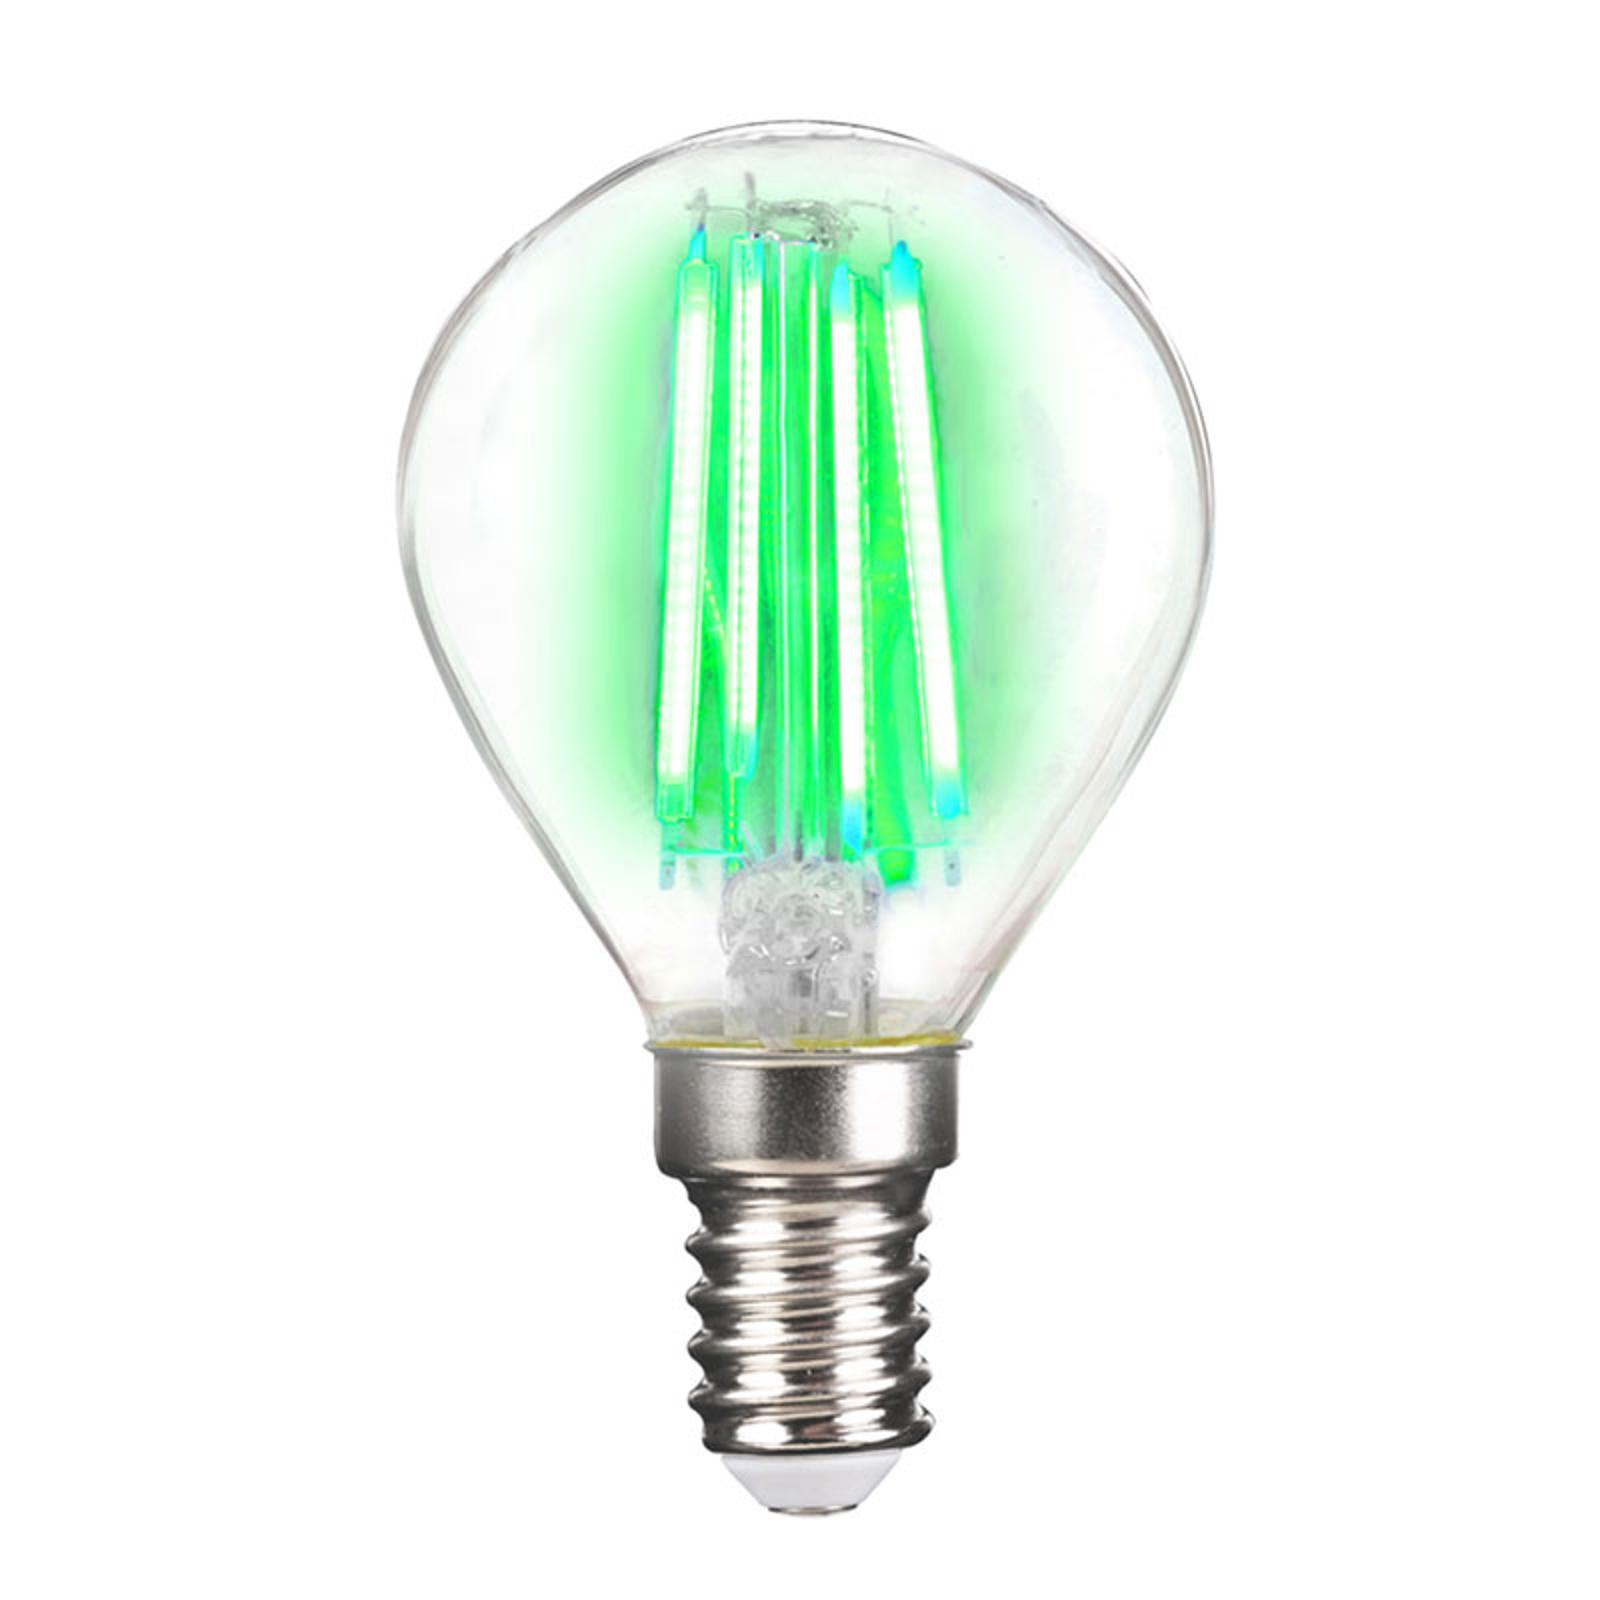 LED-Lampe E14 4W Filament, grün